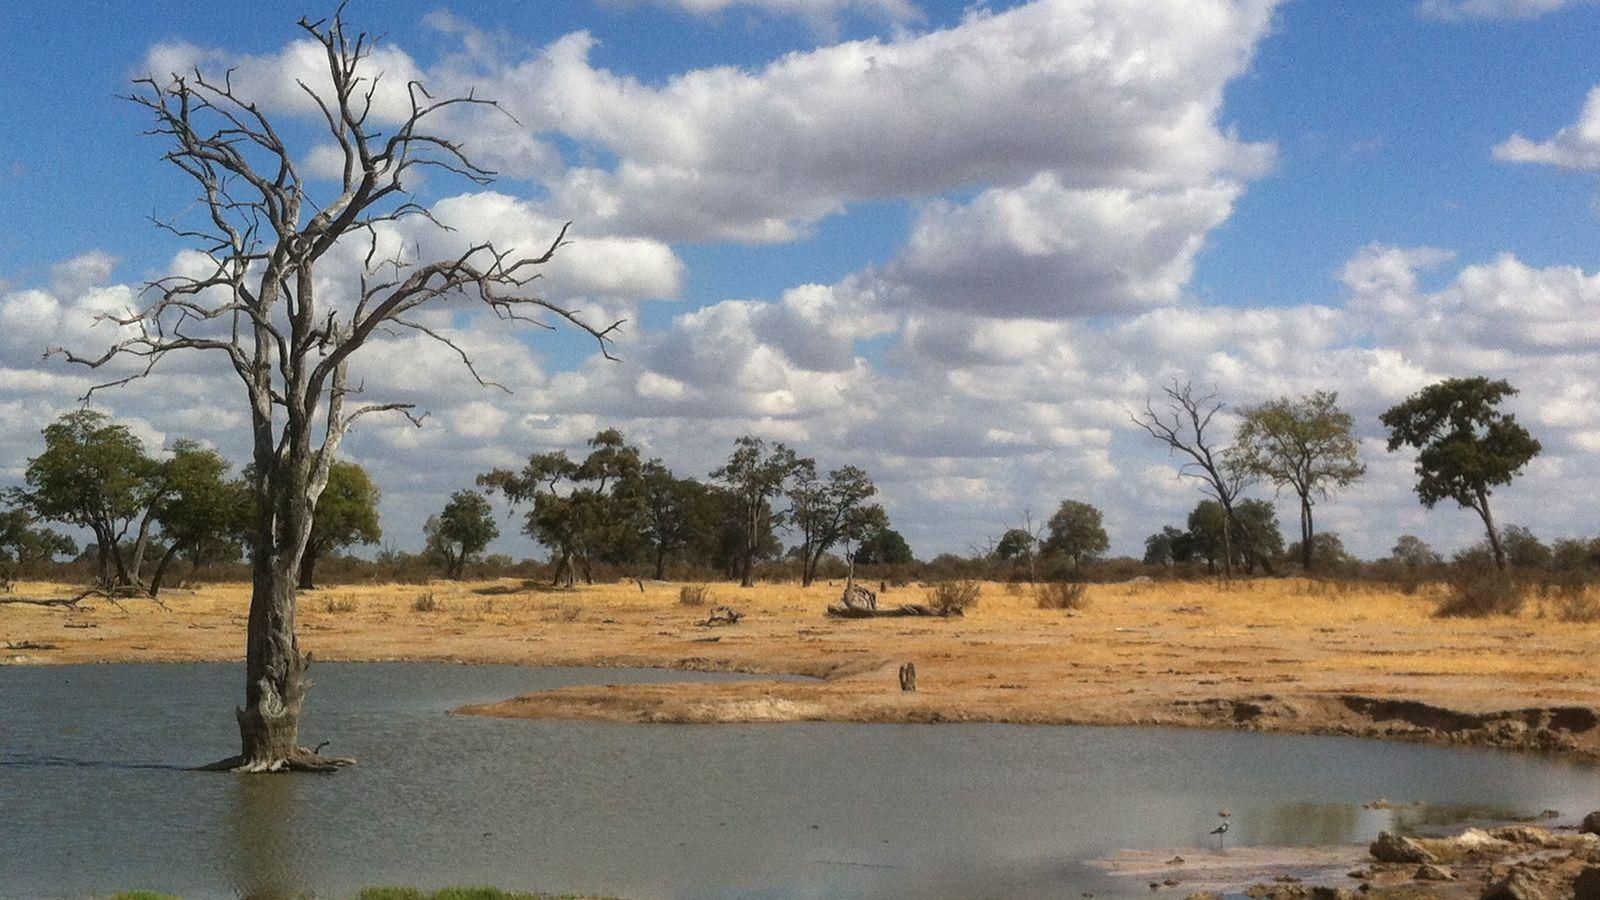 Point d'eau artificiel dans le parc national de Hwange au Zimbabwe, dans l'aire de conservation transfrontalière ...